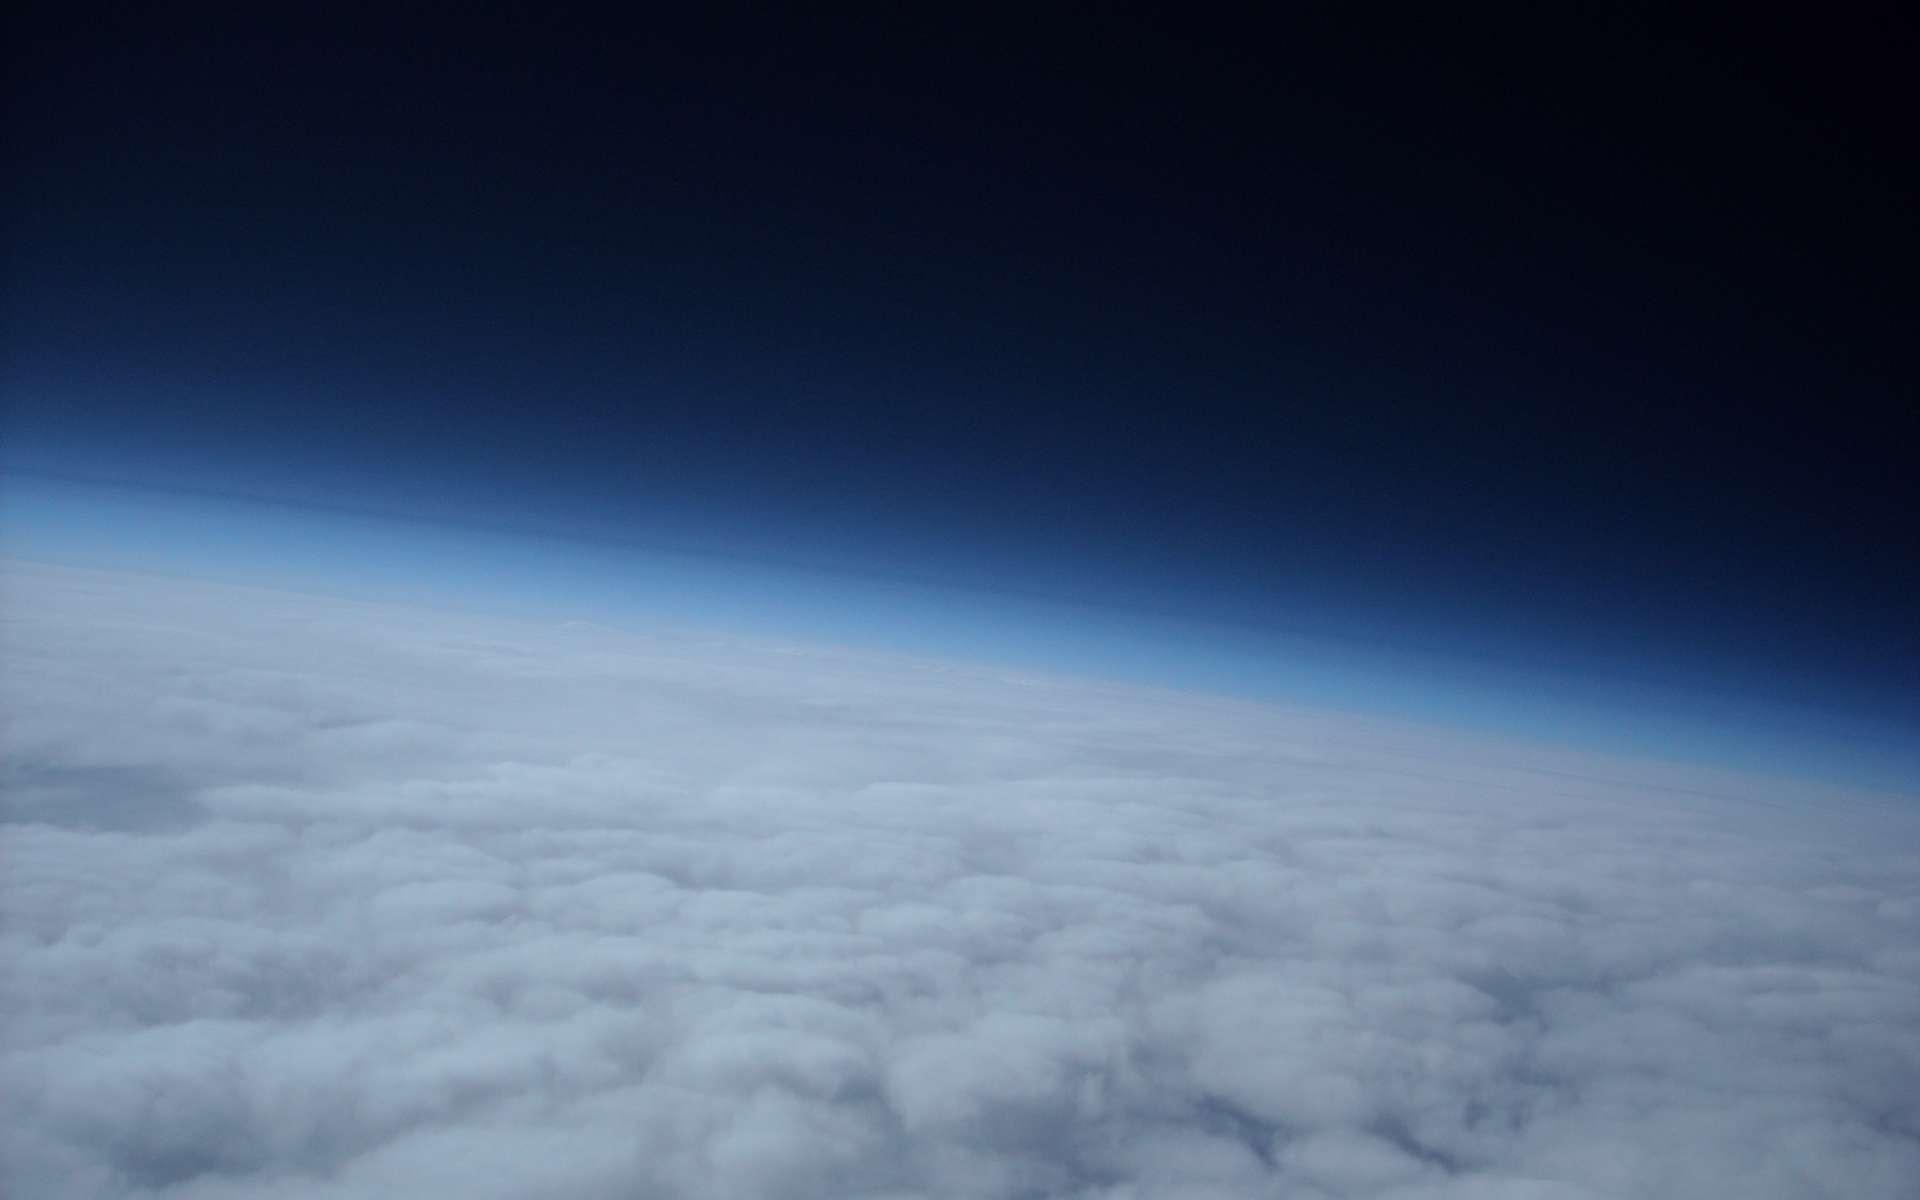 L'atmosphère terrestre est principalement composée de molécules diatomiques. Les liaisons chimiques à l'origine de la formation de ces molécules sont des liaisons covalentes. © meteotek08, Flickr, CC by-sa 2.0